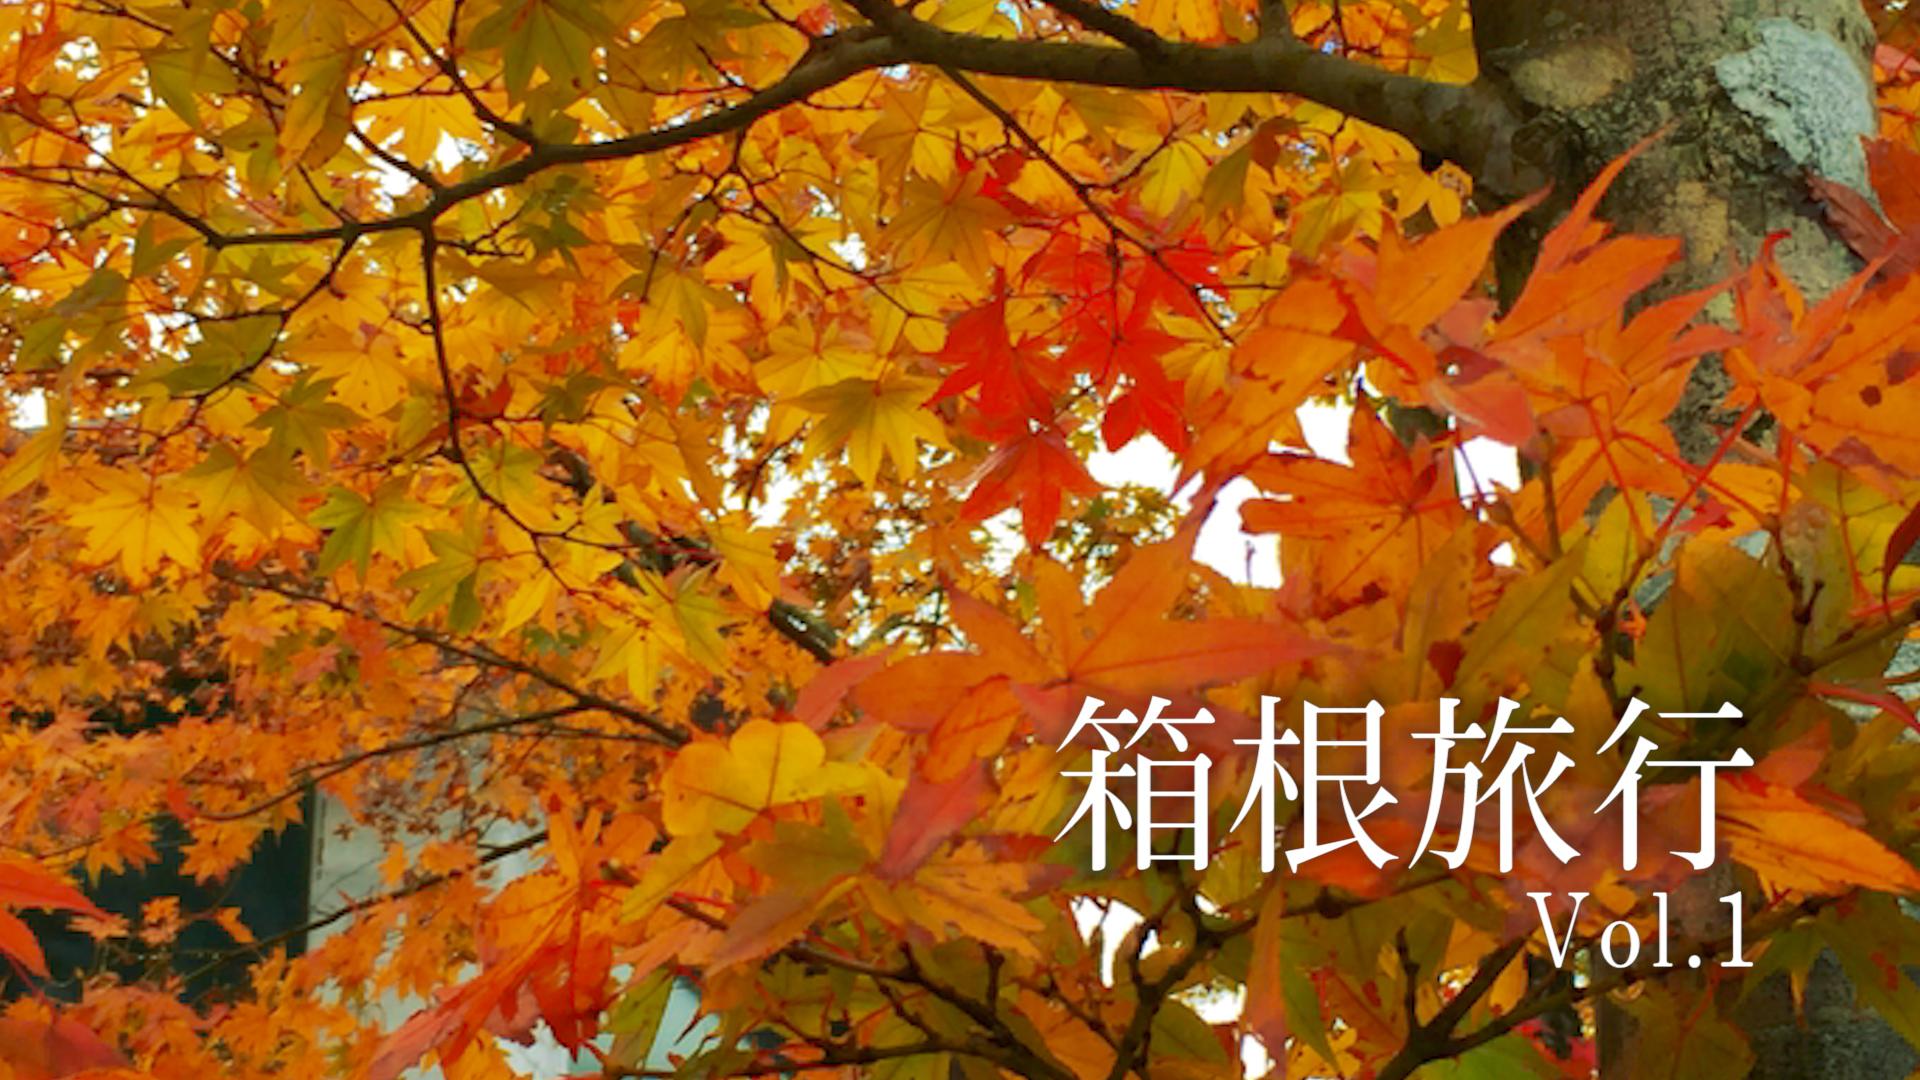 箱根旅行 箱根園 紅葉 芦ノ湖 観光 箱根園水族館